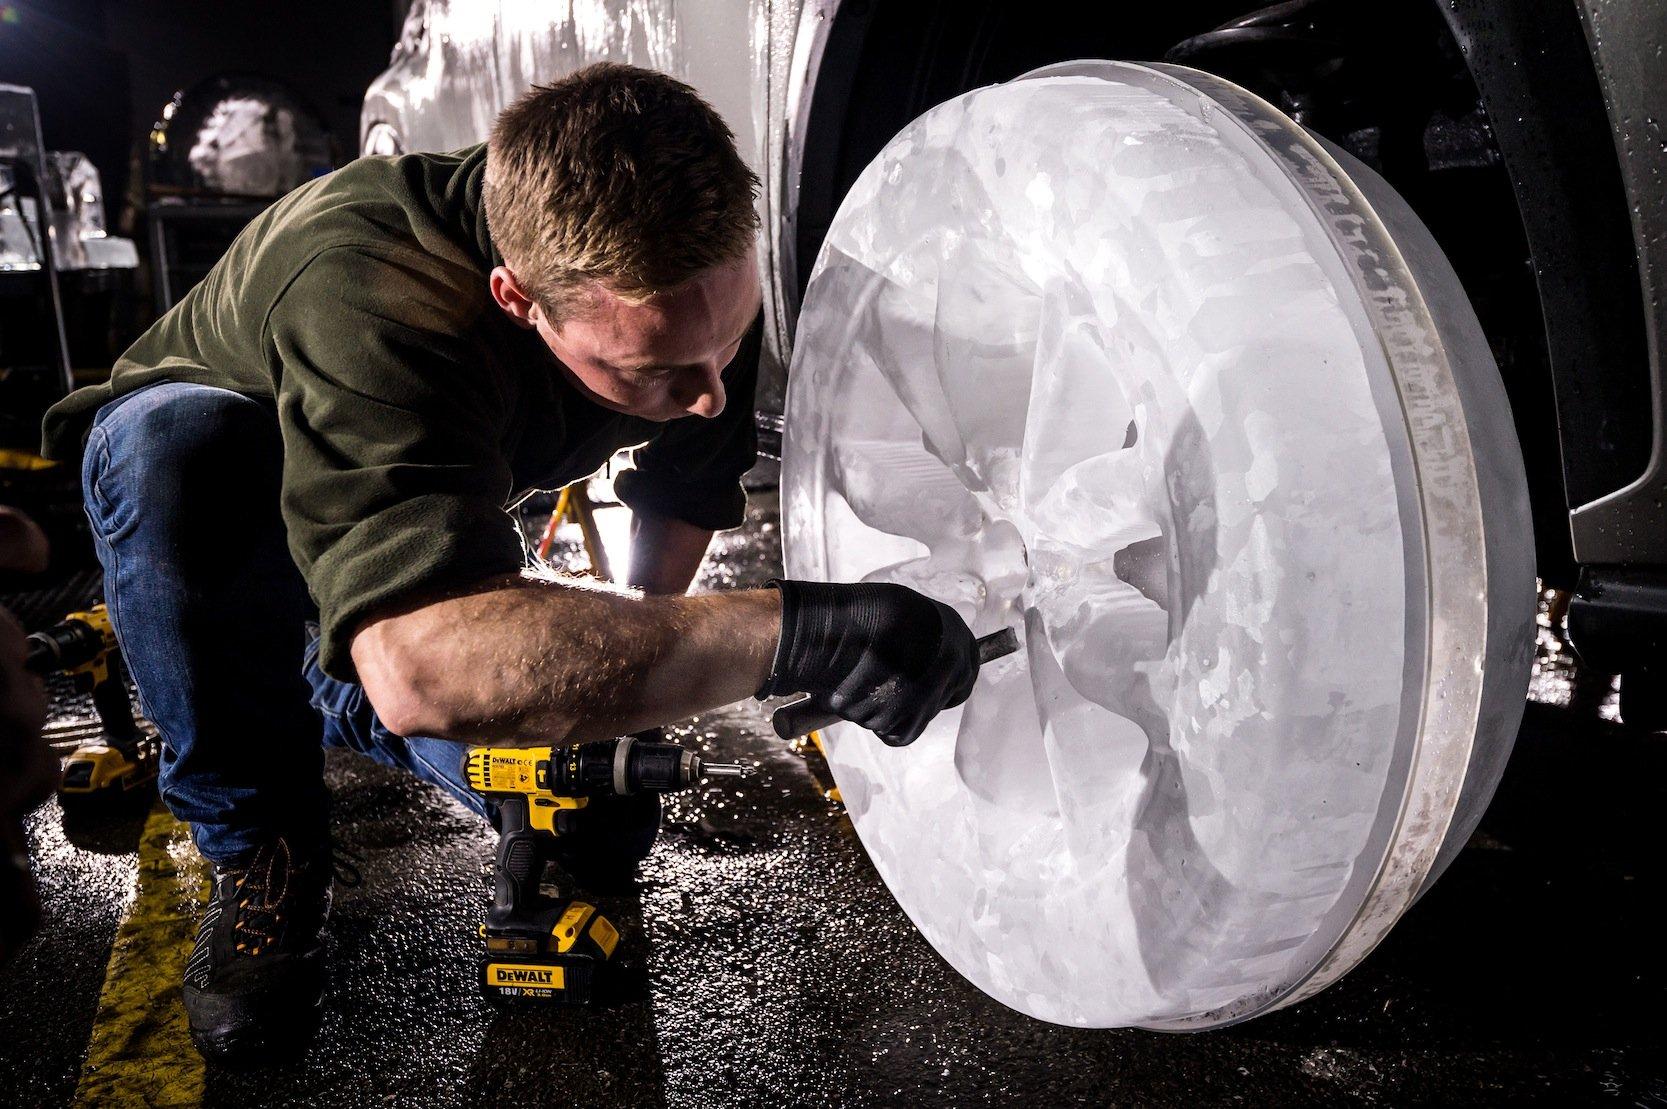 In die Räder aus Eis wurde sogar das Profil hineingeschnitten. Um die Stabilität zu erhöhen, verfügen die Eisräder über Acryleinlagen.